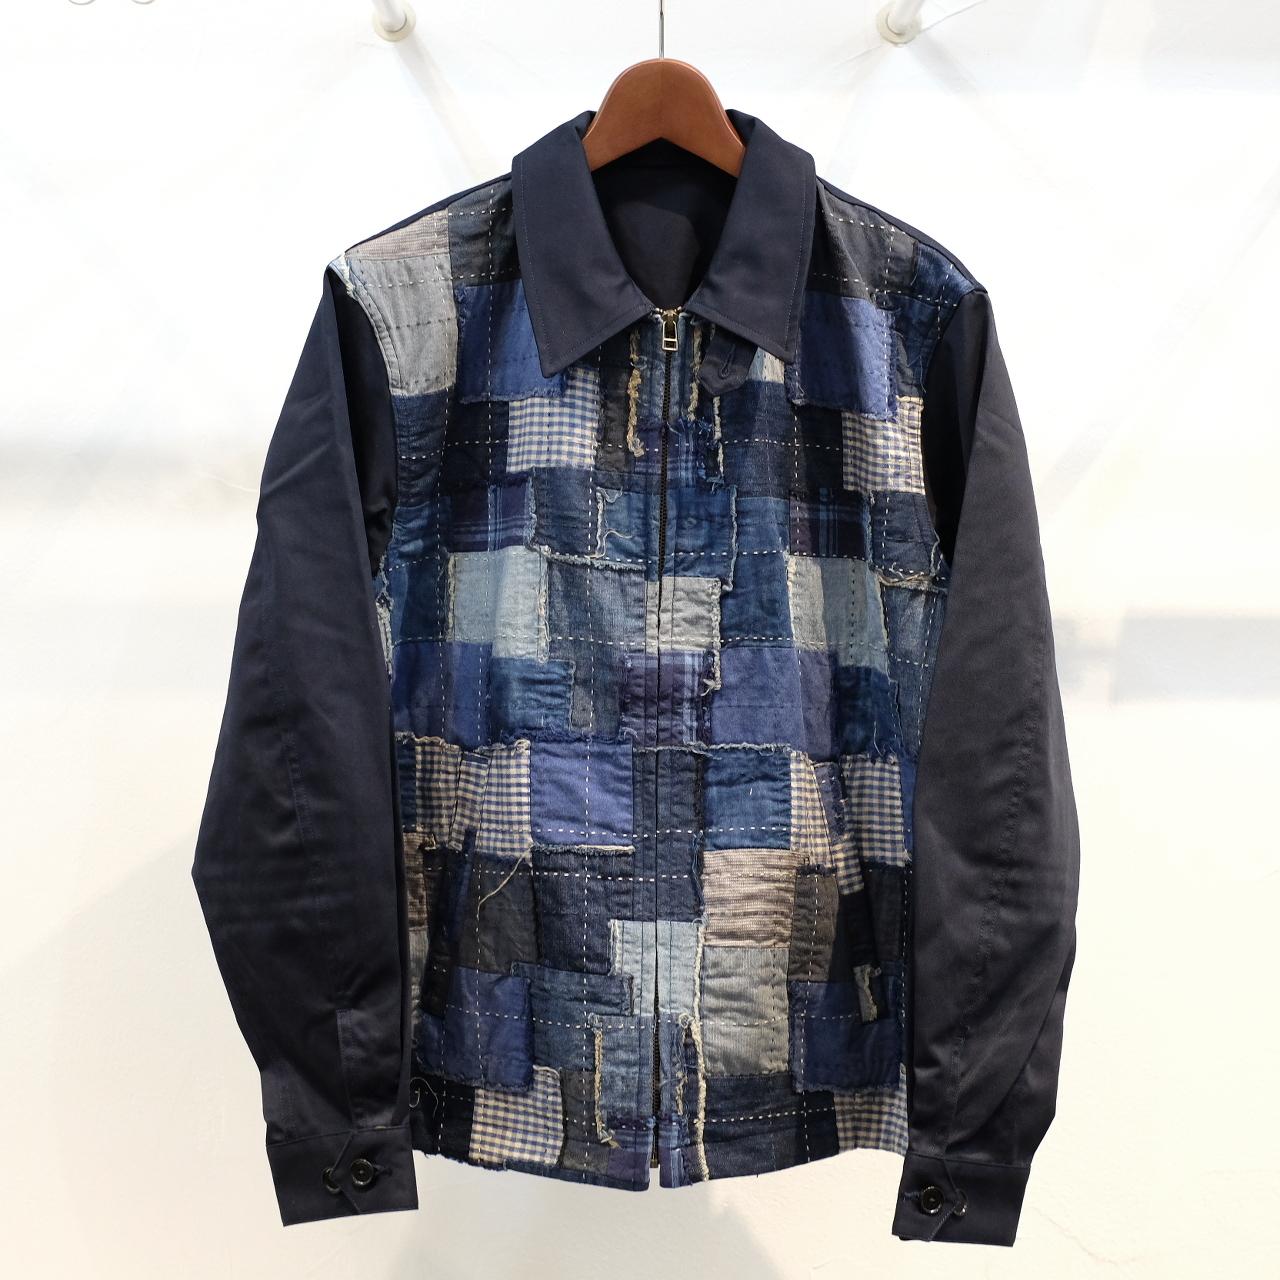 KUON(クオン) 藍アップサイクルパネル ワークジャケット ネイビー